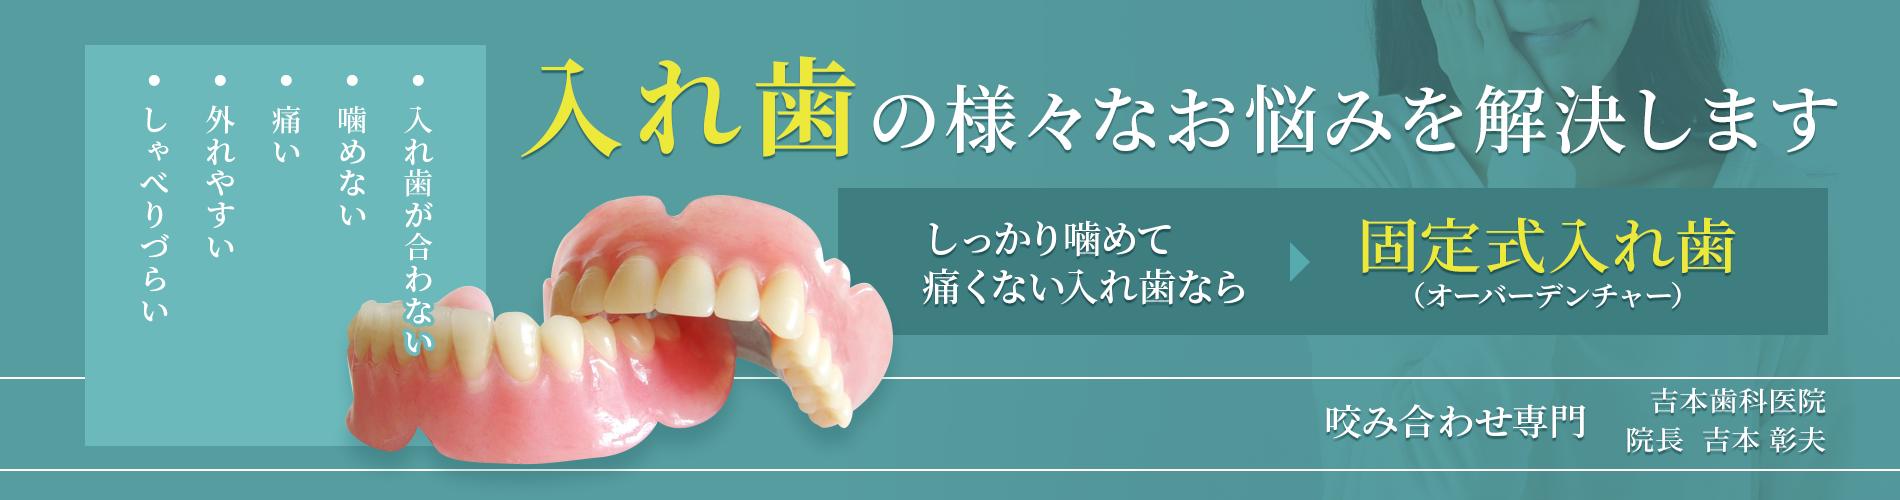 総入れ歯専門の吉本歯科医院|香川県高松市|世界レベルの高度な精密歯科治療を提供